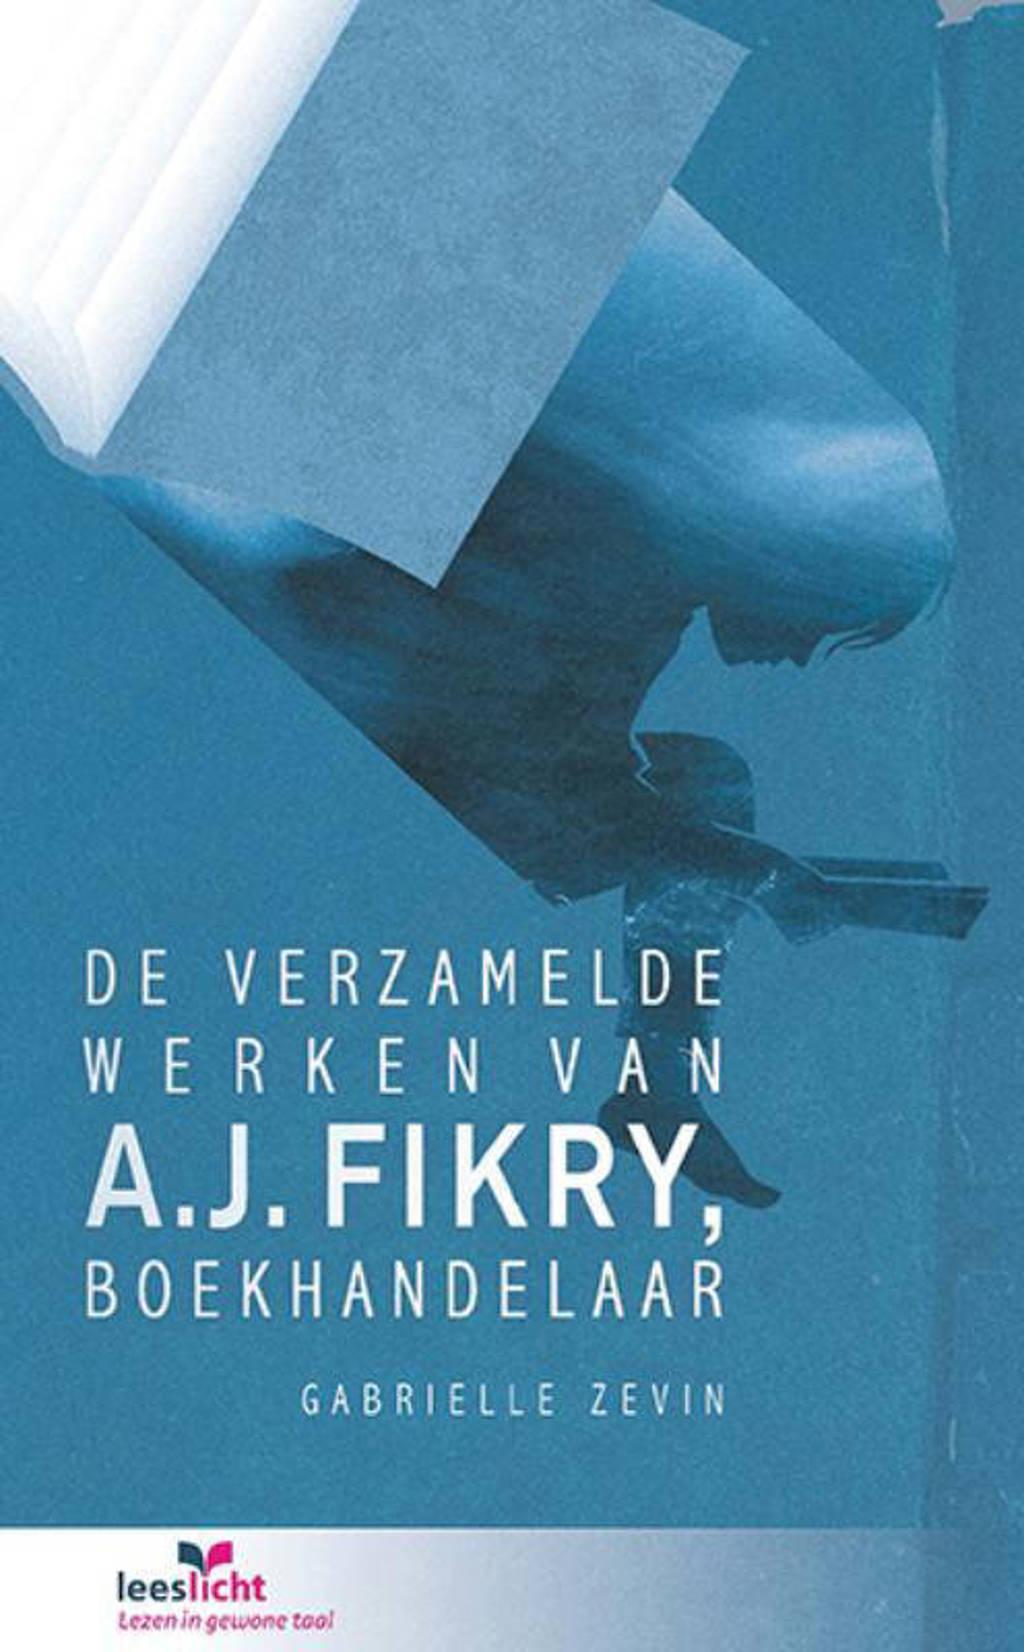 Leeslicht: De verzamelde werken van A.J. Fikry, boekhandelaar - Gabrielle Zevin